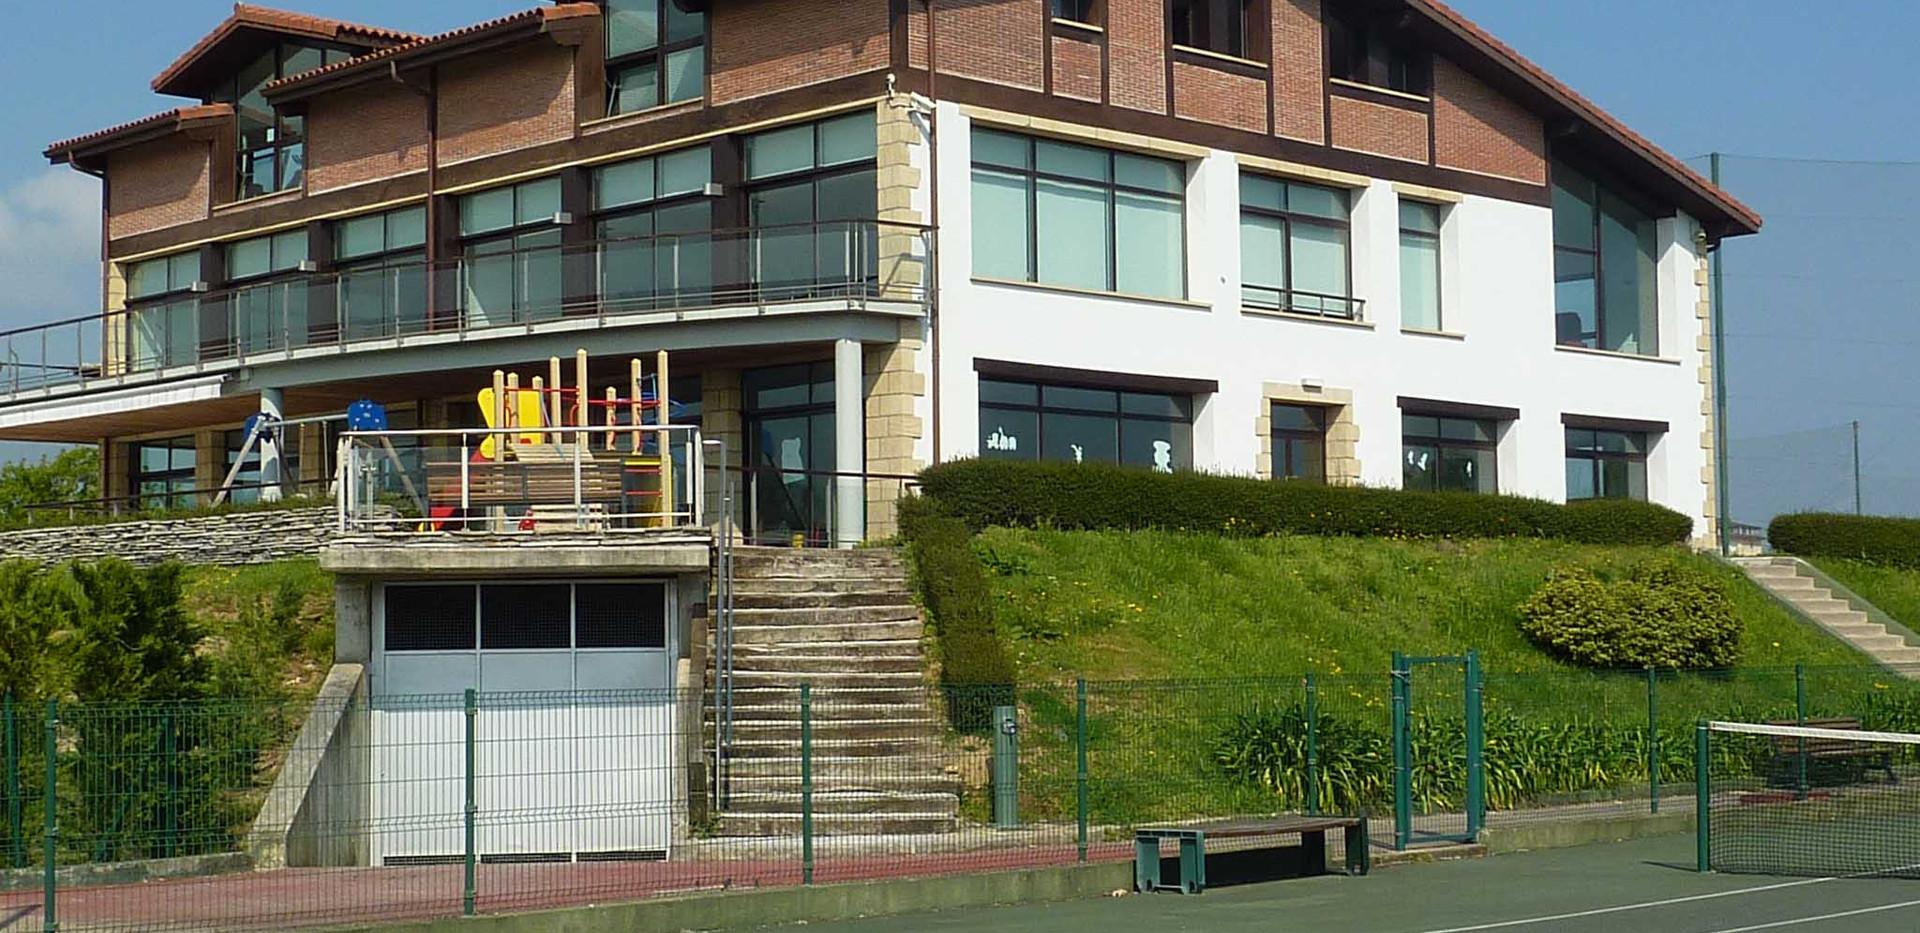 aaP1060219 caserio desde  el tenis.jpg